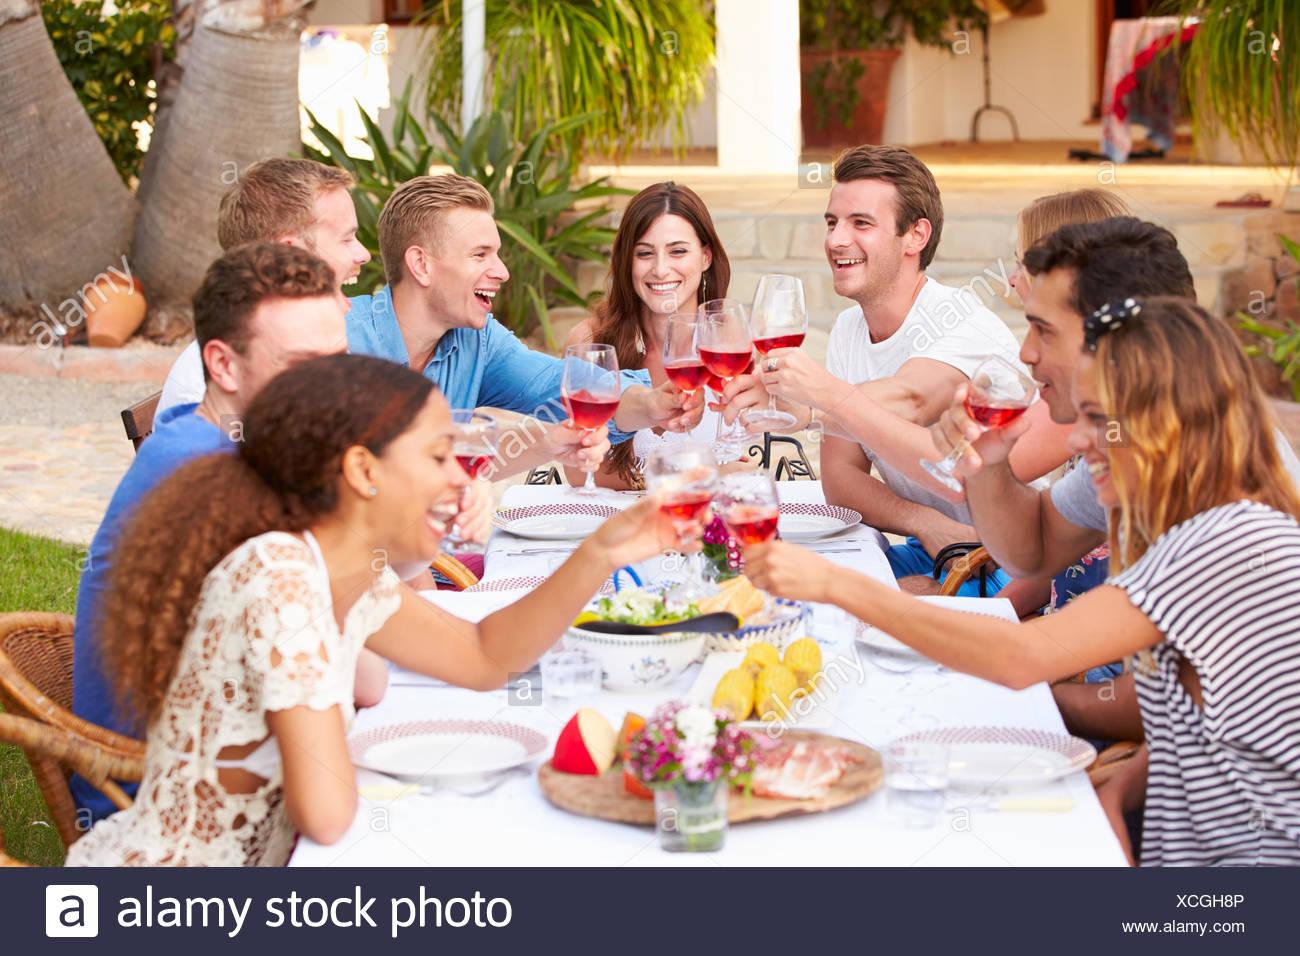 Grupo numeroso de jóvenes amigos, disfrutando de comidas al aire libre juntos Foto de stock